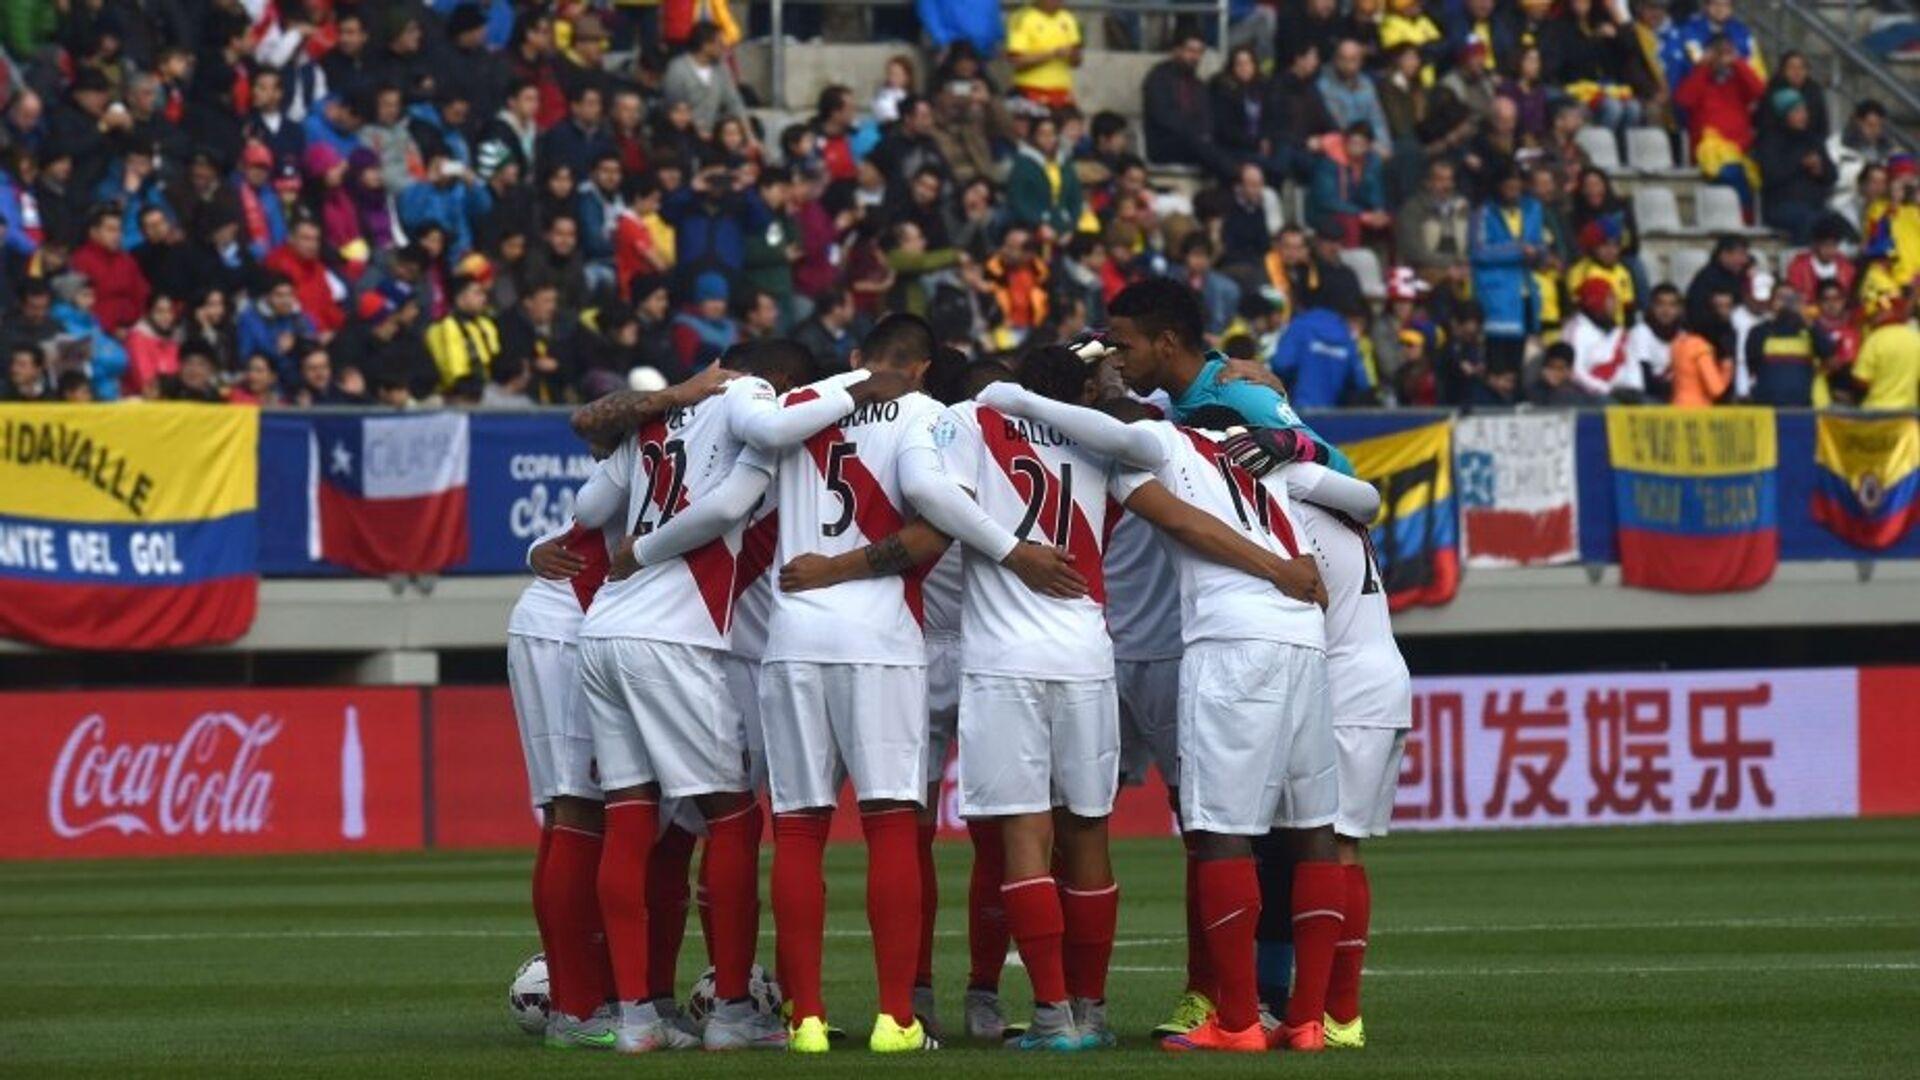 La selección de fútbol de Perú (archivo) - Sputnik Mundo, 1920, 18.05.2021